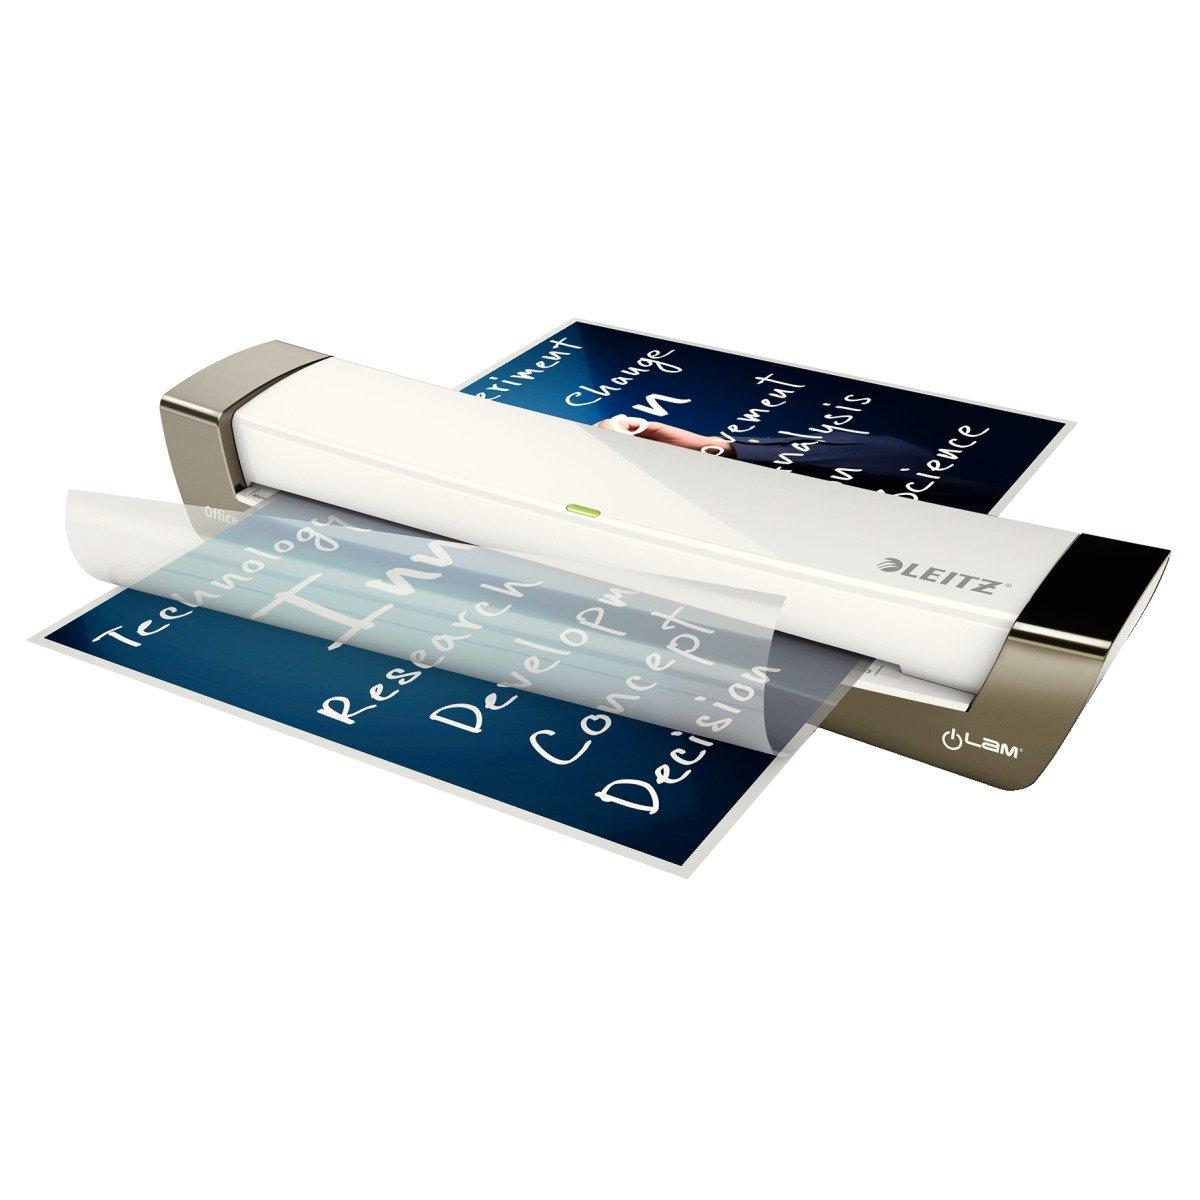 Leitz iLAM Office Pro A3 Laminator 7218-00-84 Plastificatrice 75180084